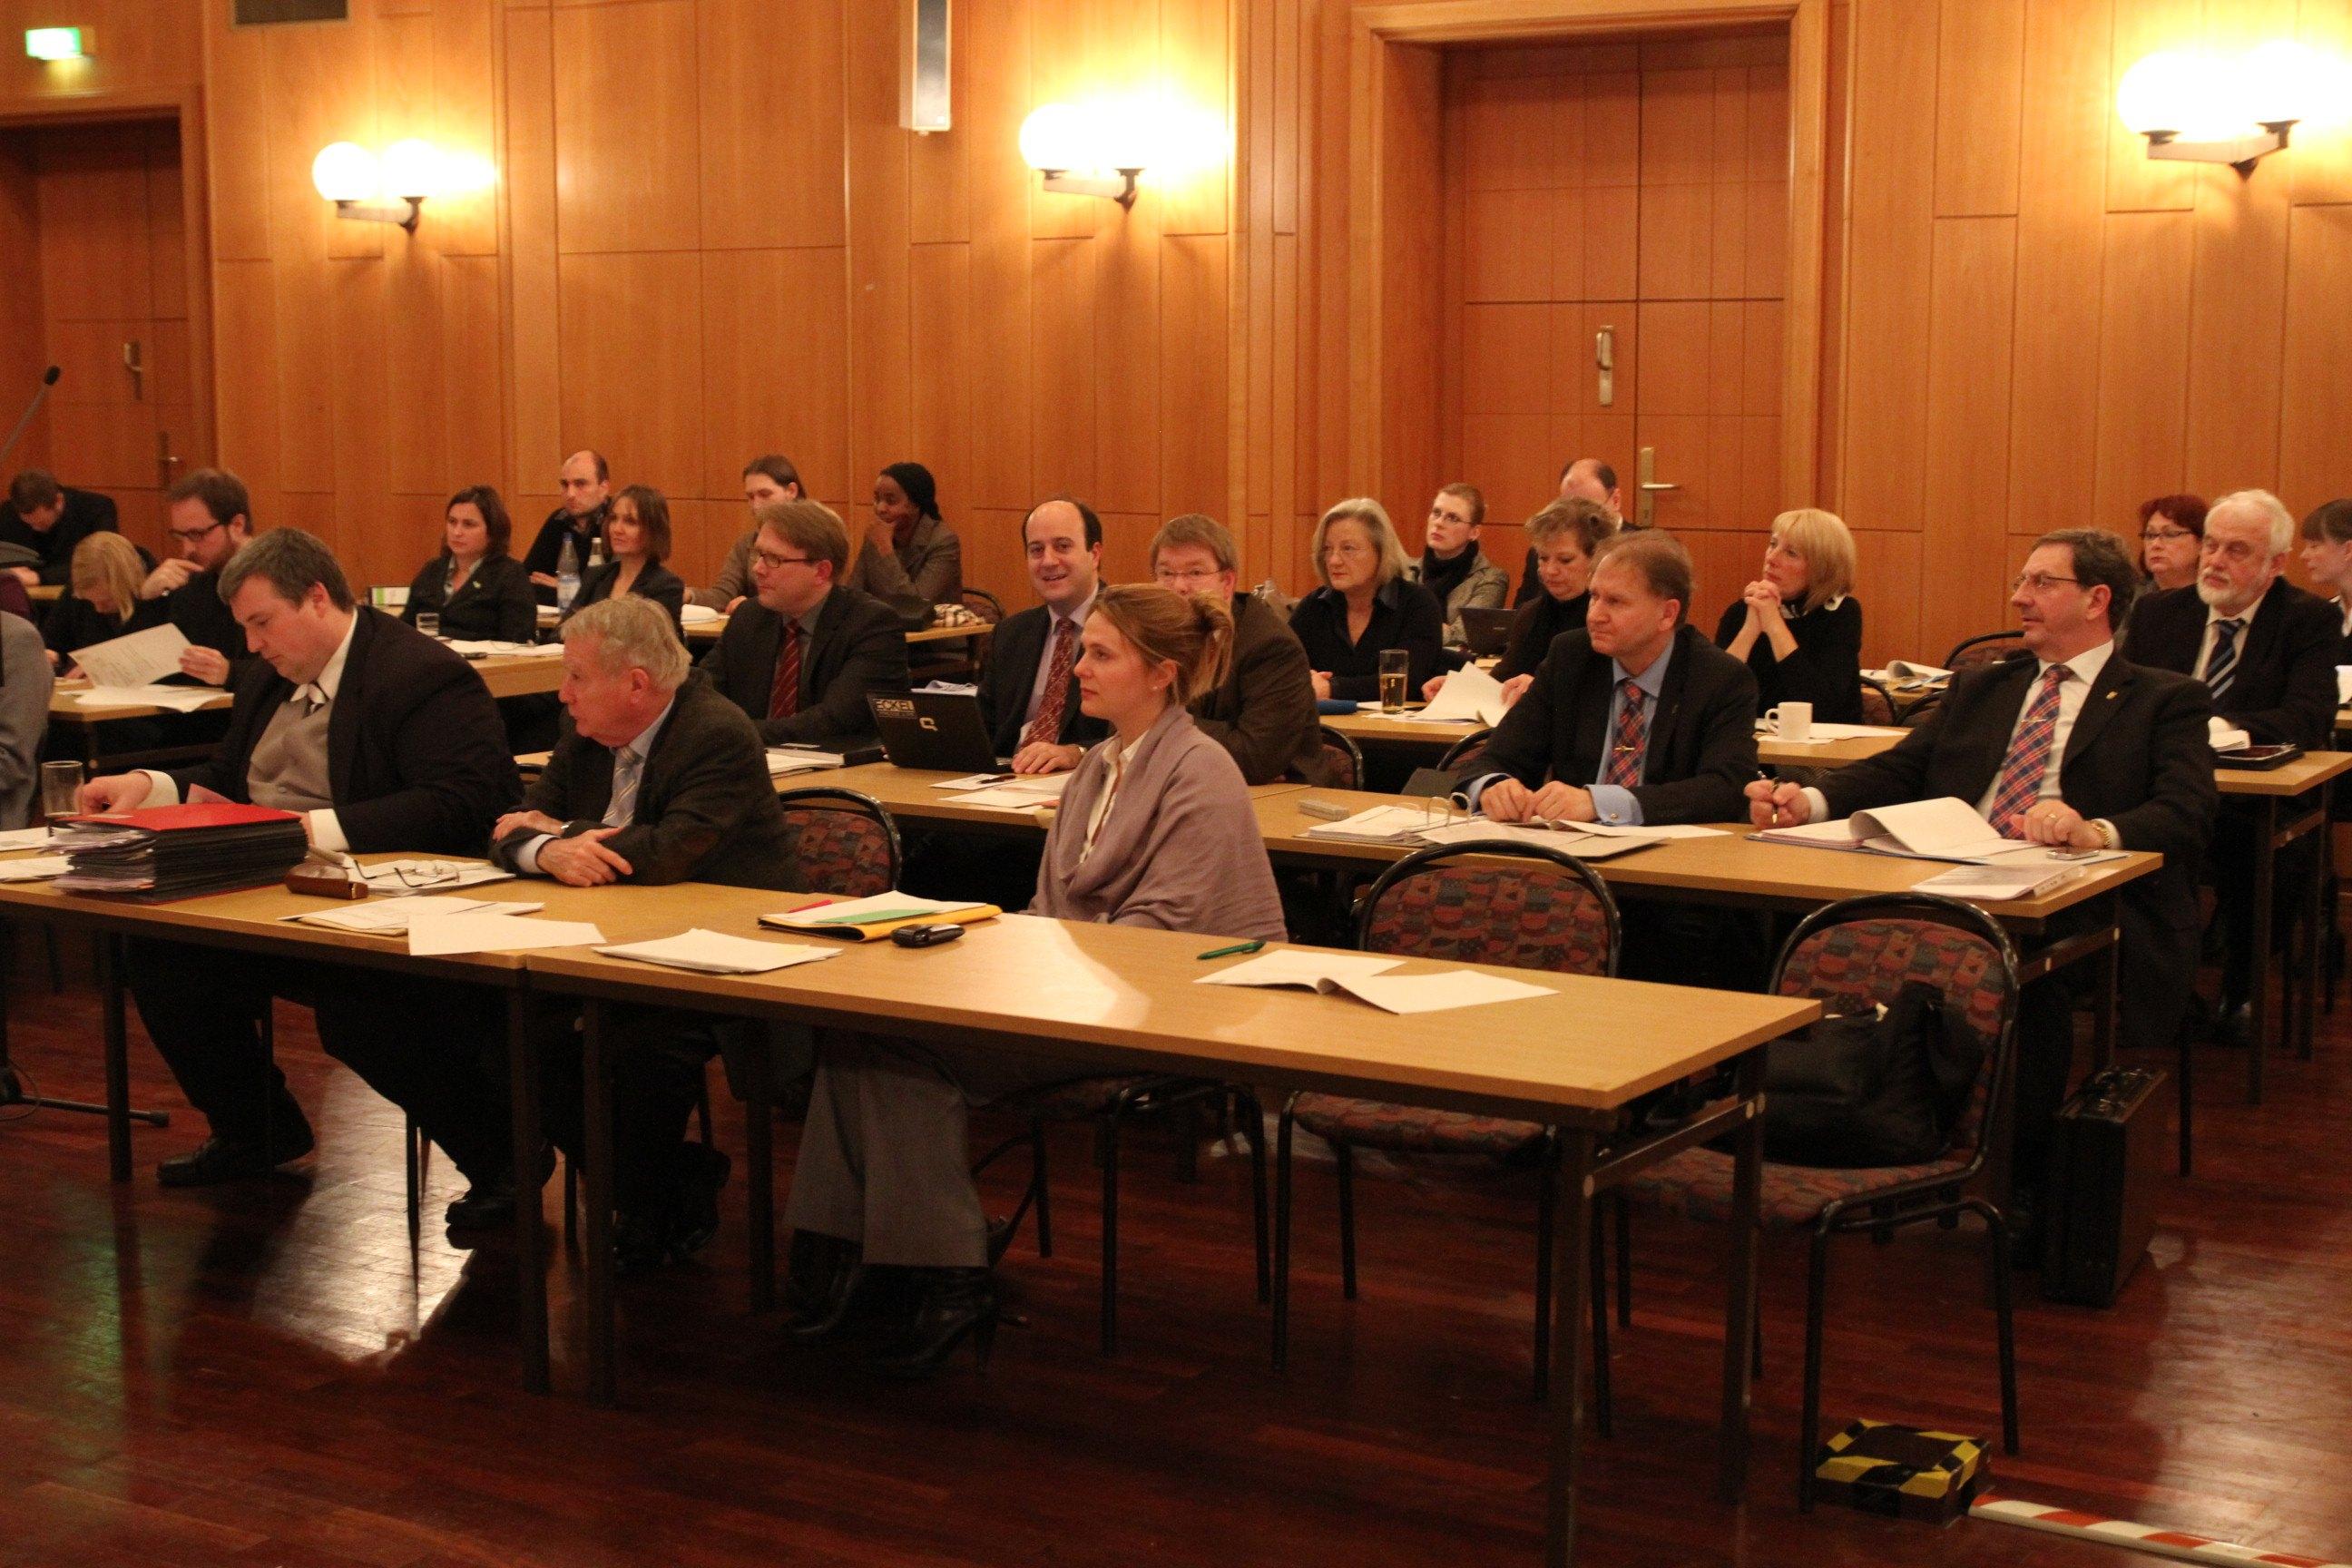 Mitglieder der Fraktion im Plenarsaal